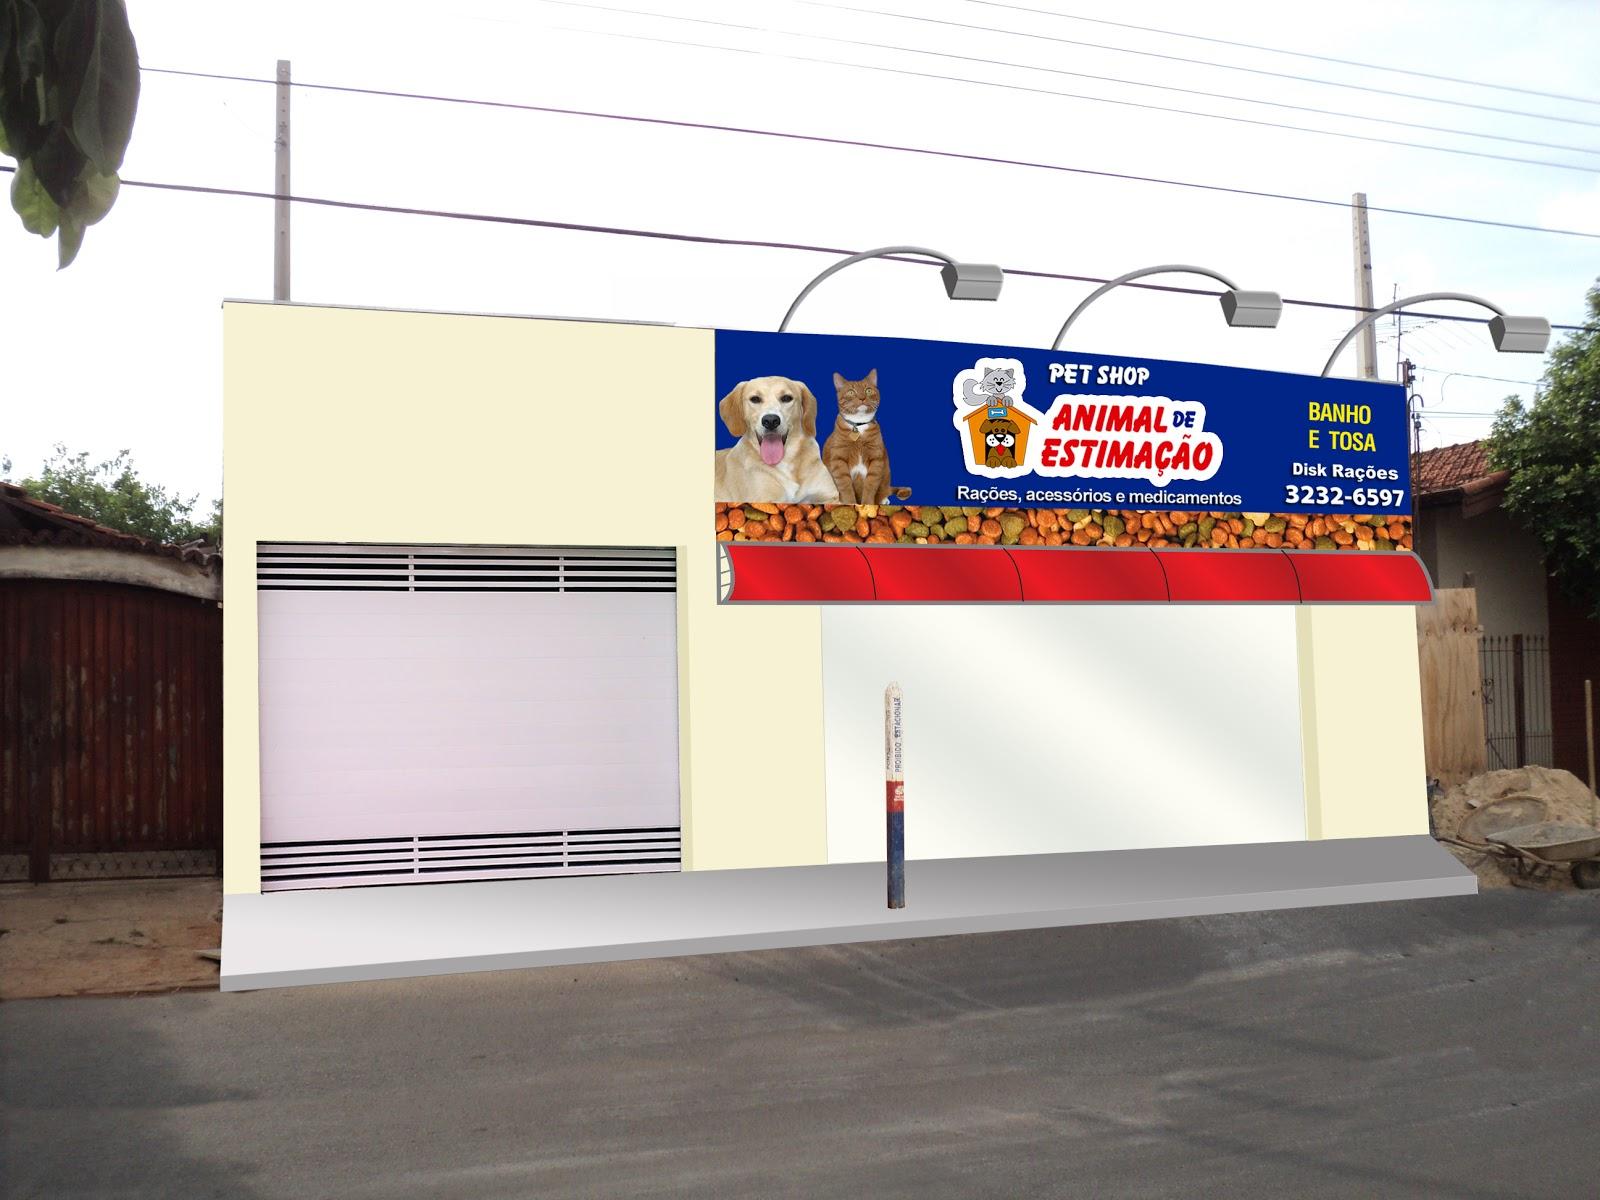 Well-known Pet Shop Animal de Estimação | Portfólio Leticia Cunha OB72